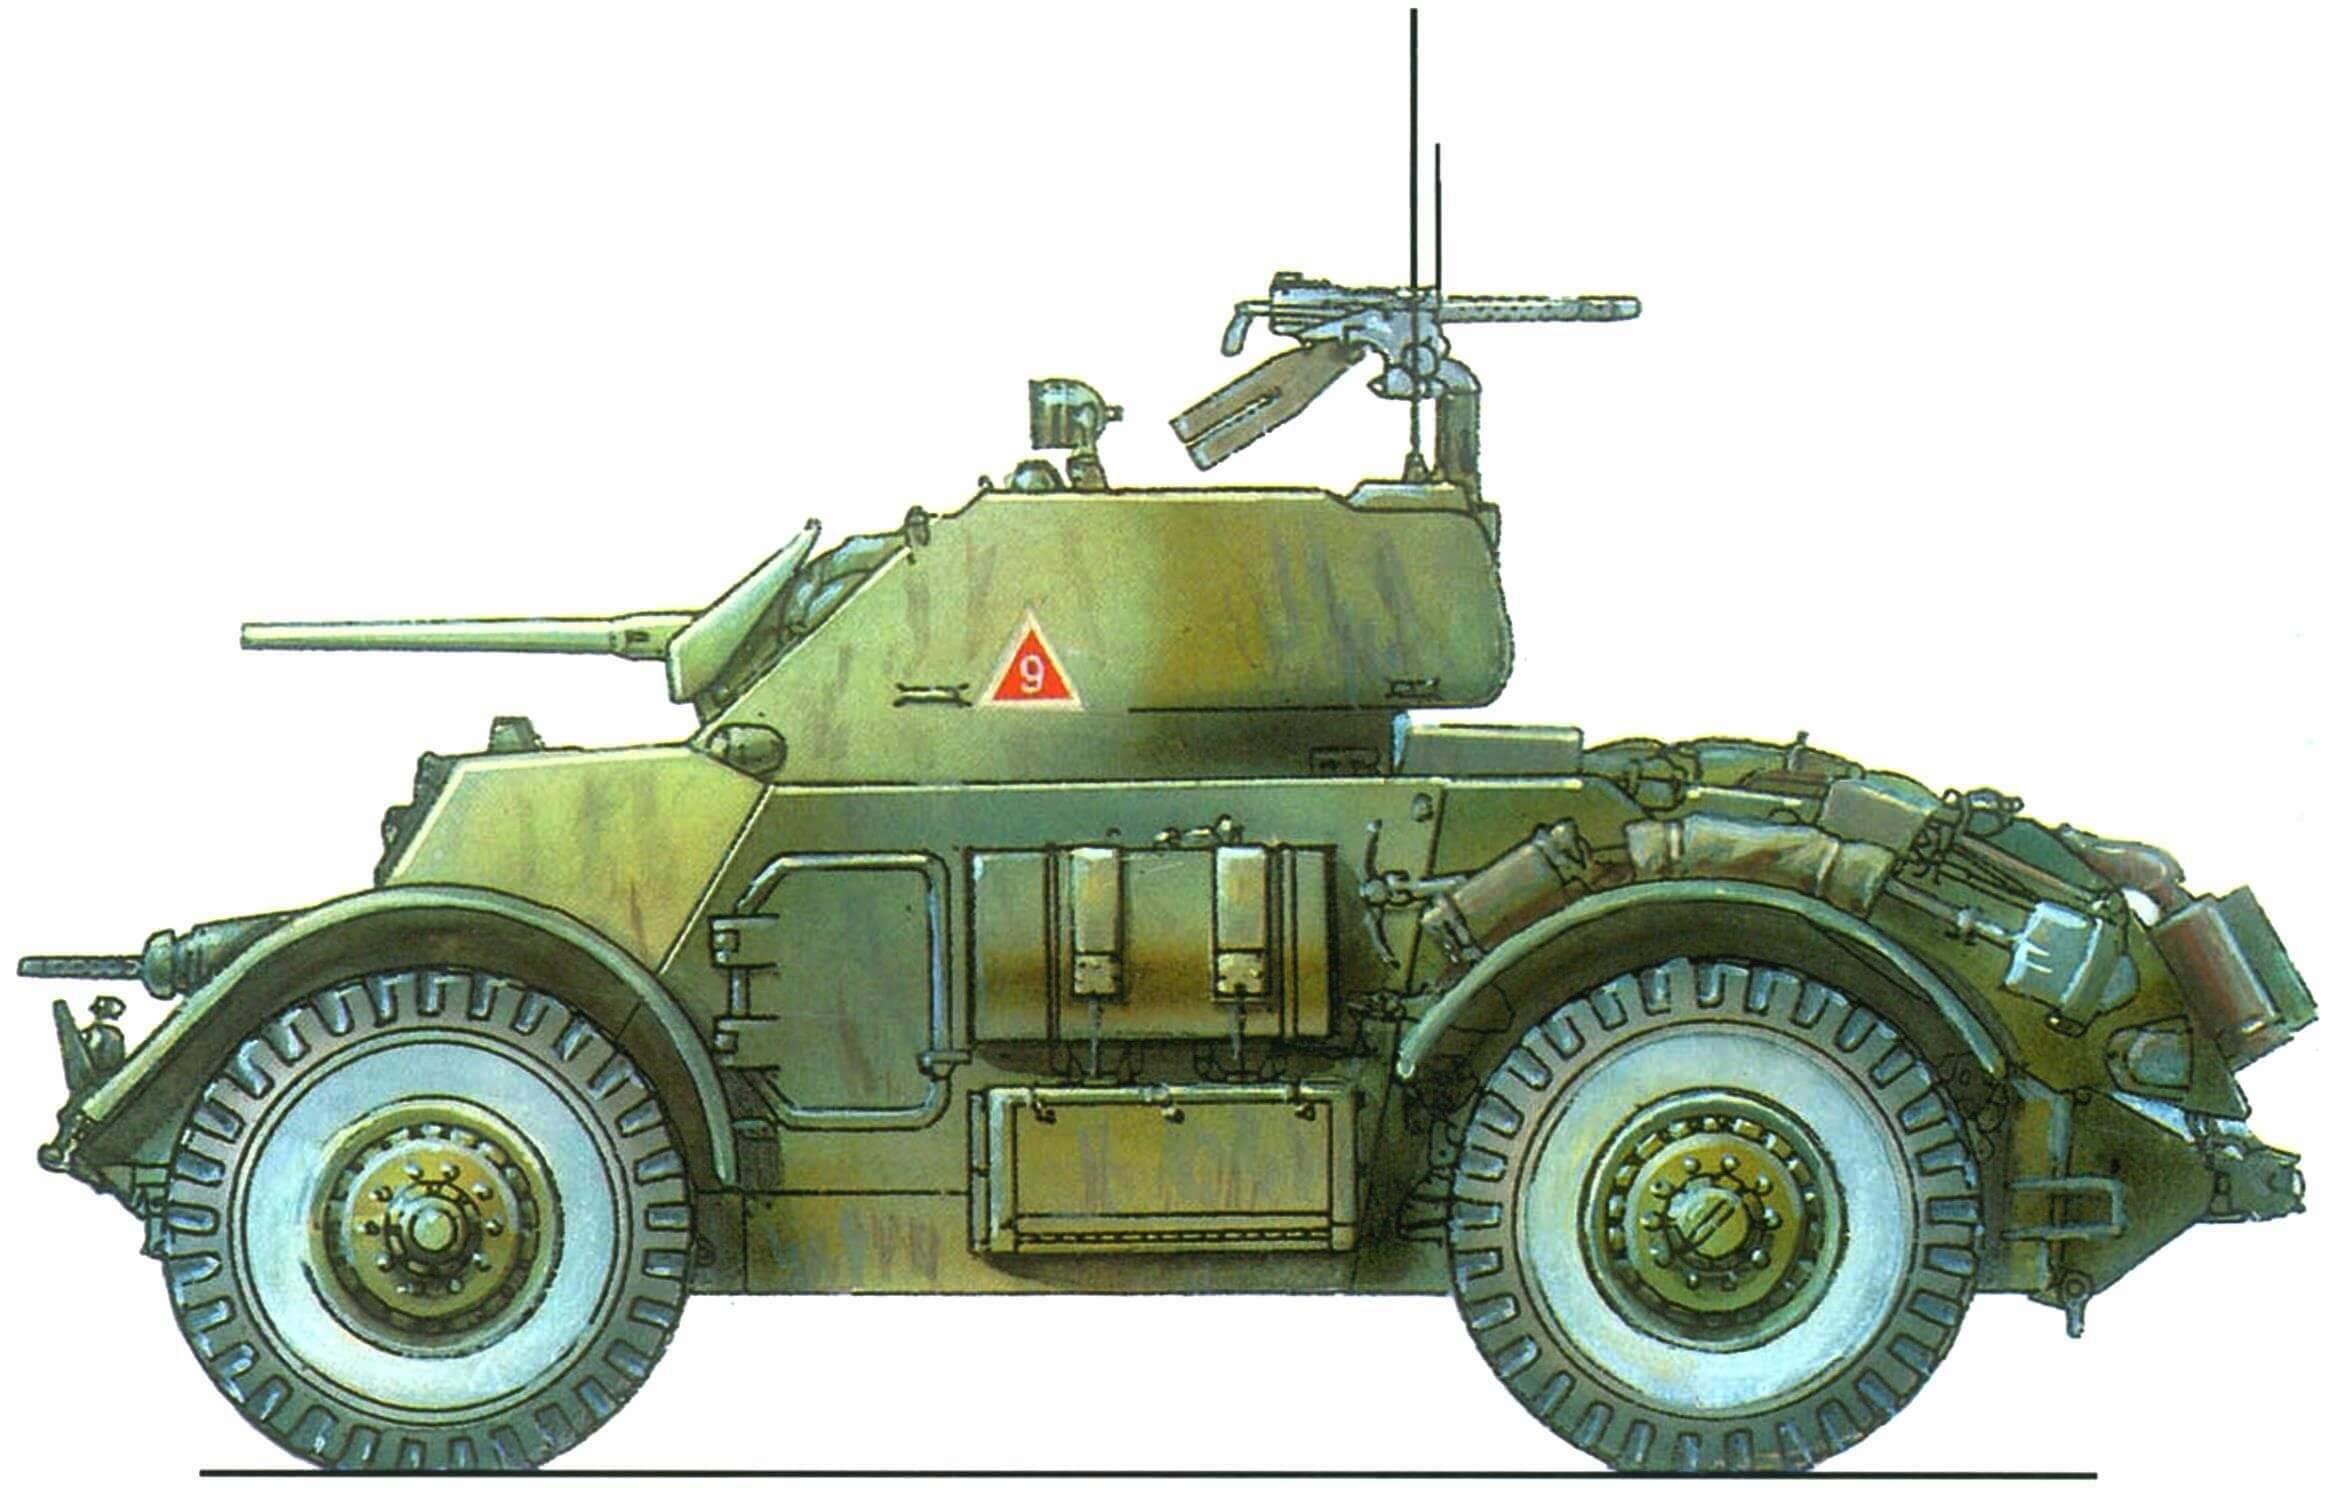 Бронеавтомобиль Staghound I. Моторизованный батальон карабинеров. Милан, 1952 г.